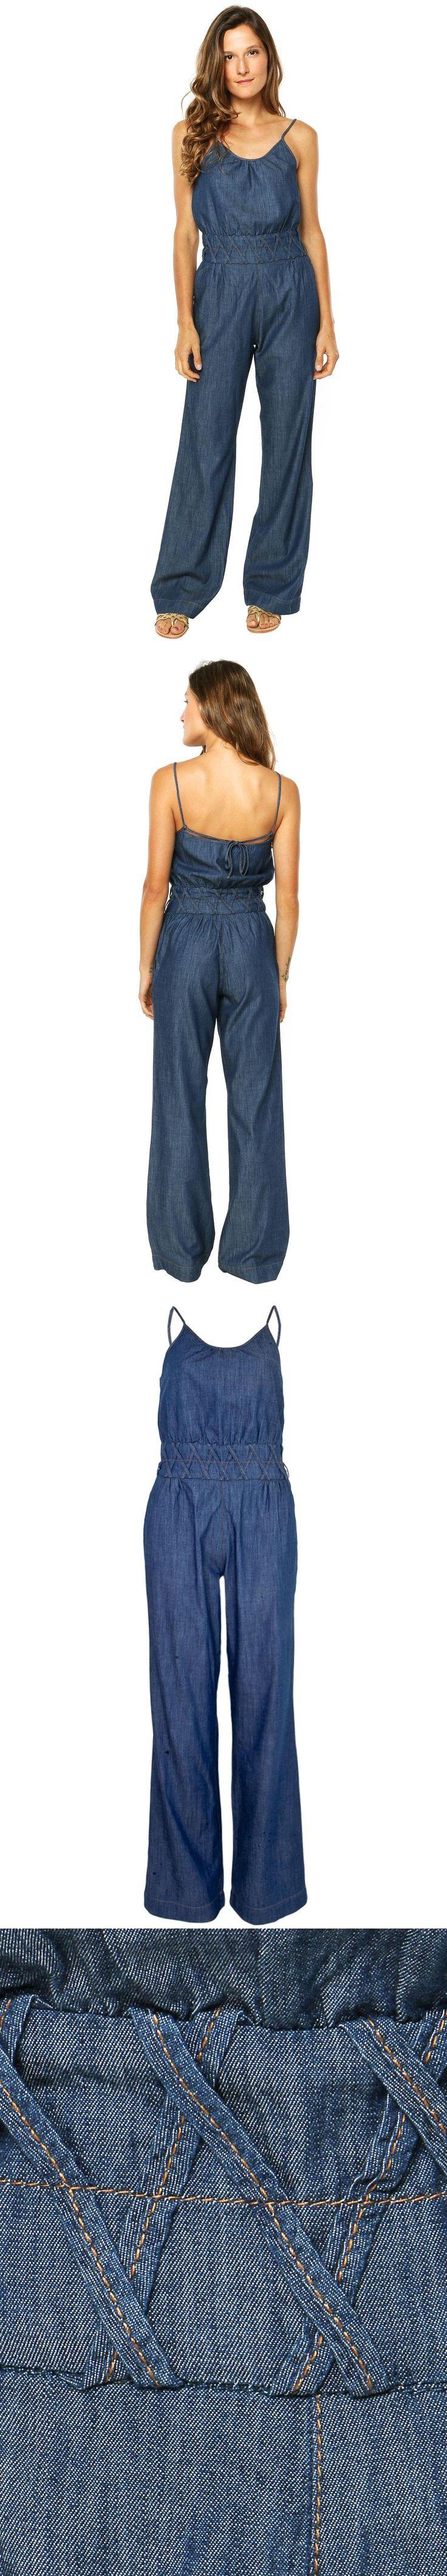 Macacão Jeans Cruzados azul, detalhe de faixas cruzadas na linha da cintura e dois bolsos na parte frontal. Modelagem reta com alças finas e decote arredondado. O Macacão Jeans Cruzados é confeccionado em tecido de toque macio e caimento leve. Fechamento por zíper invisível. Marca: Sacada.